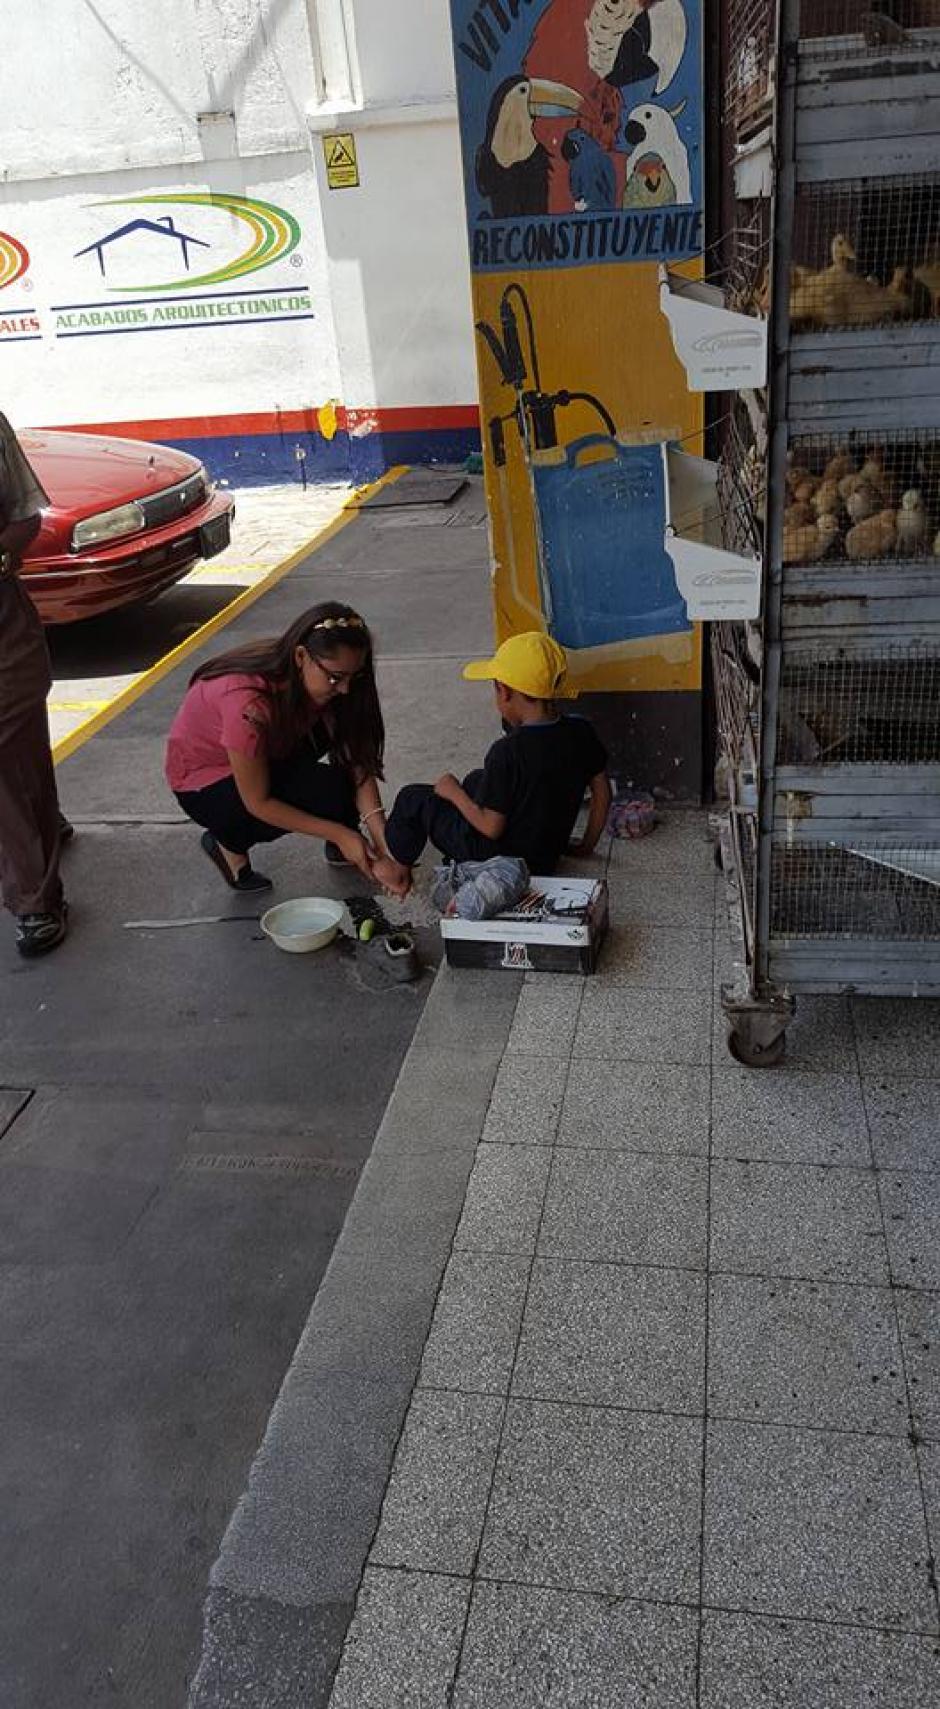 Los visitantes de la veterinaria quedaron sorprendidos por el ejemplo que les mostró la empleada de ese lugar. (Foto: Jhon Monsalve)